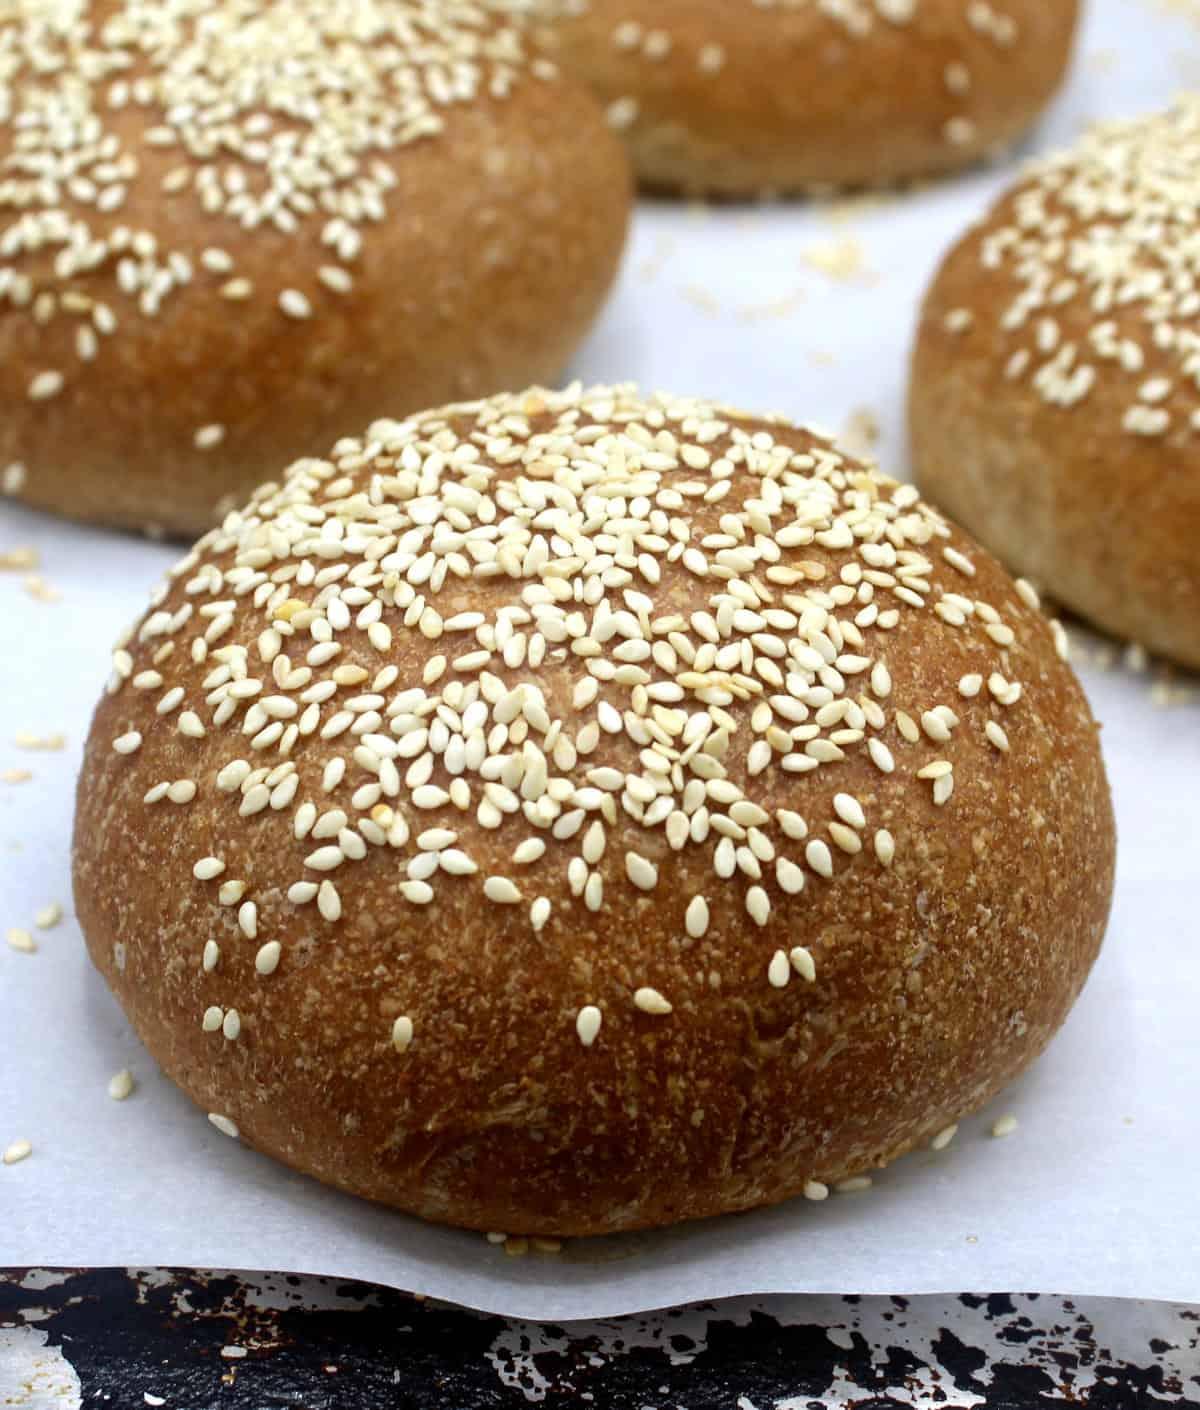 Closeup photo of a vegan whole wheat burger bun